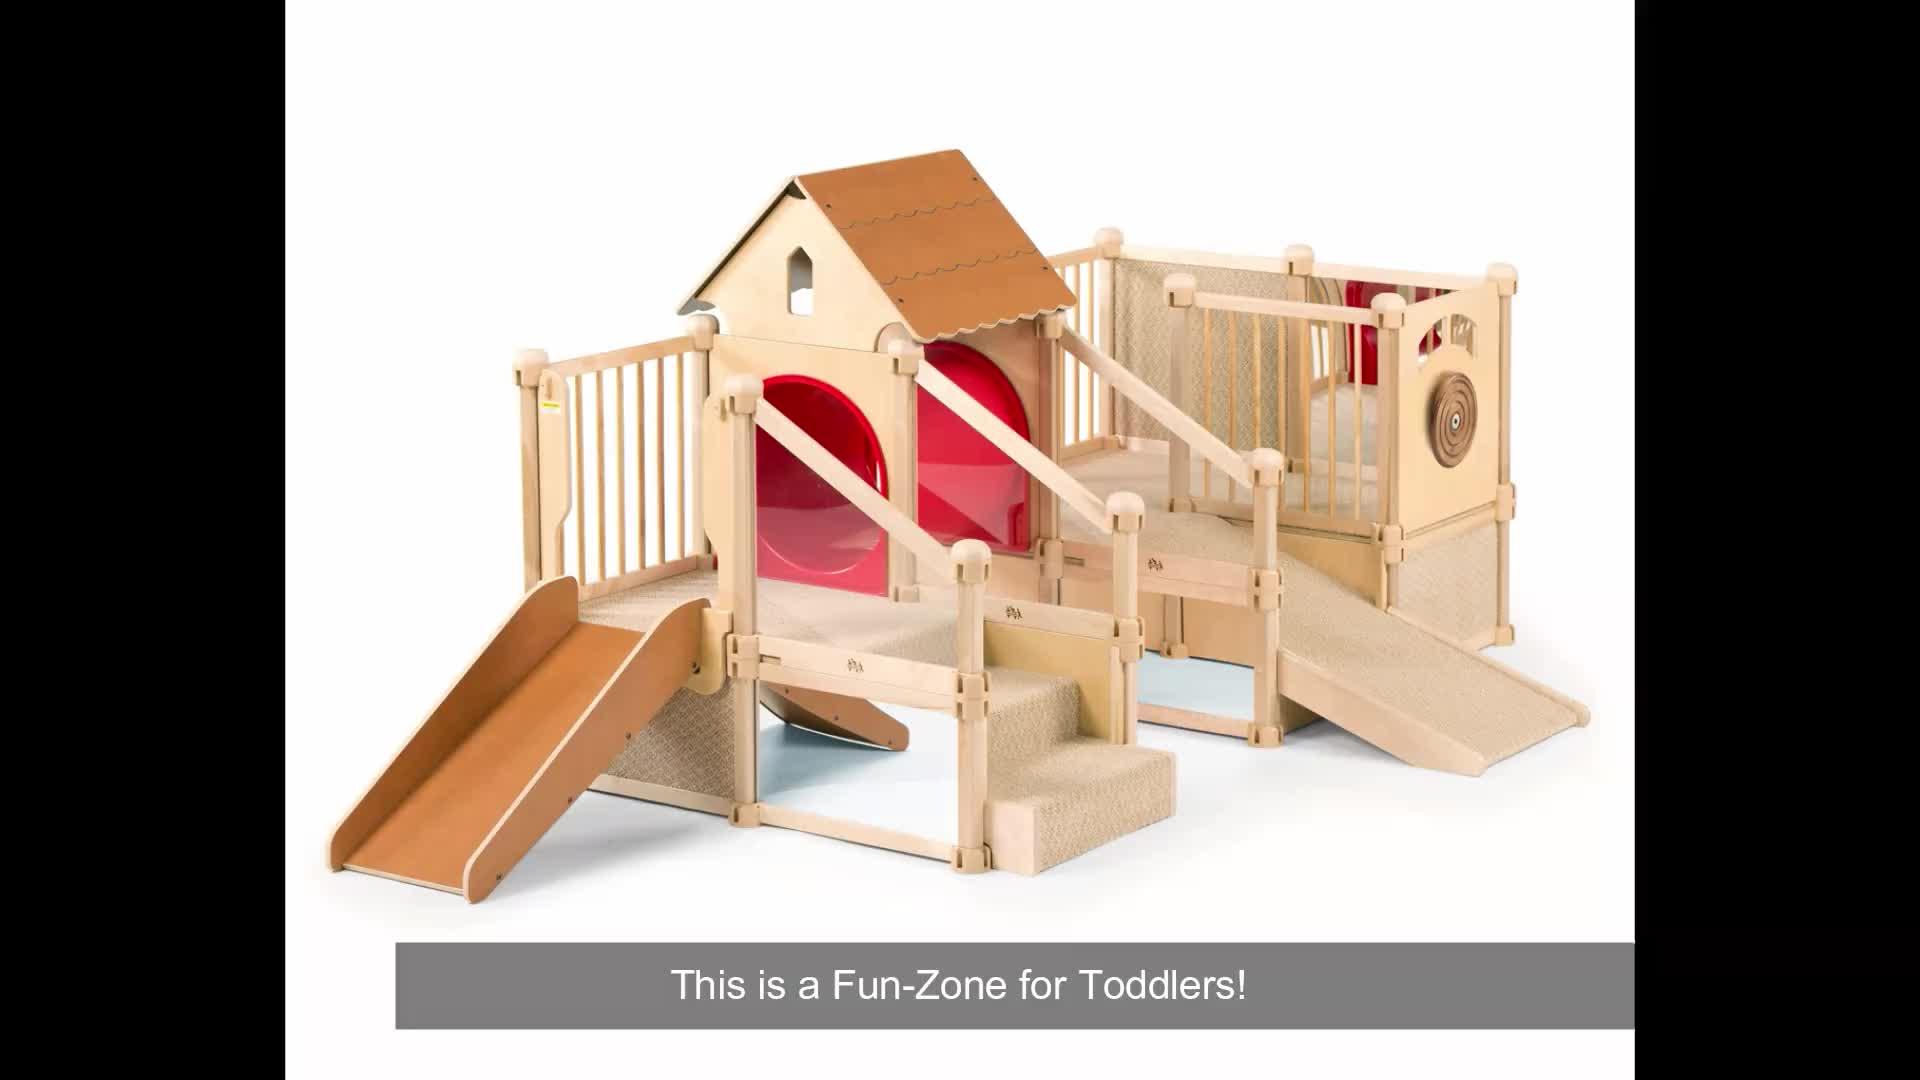 Parco Giochi per bambini Attrezzature Parco Giochi Al Coperto Set Parco Giochi Al Coperto Diapositive Daycare Mobili